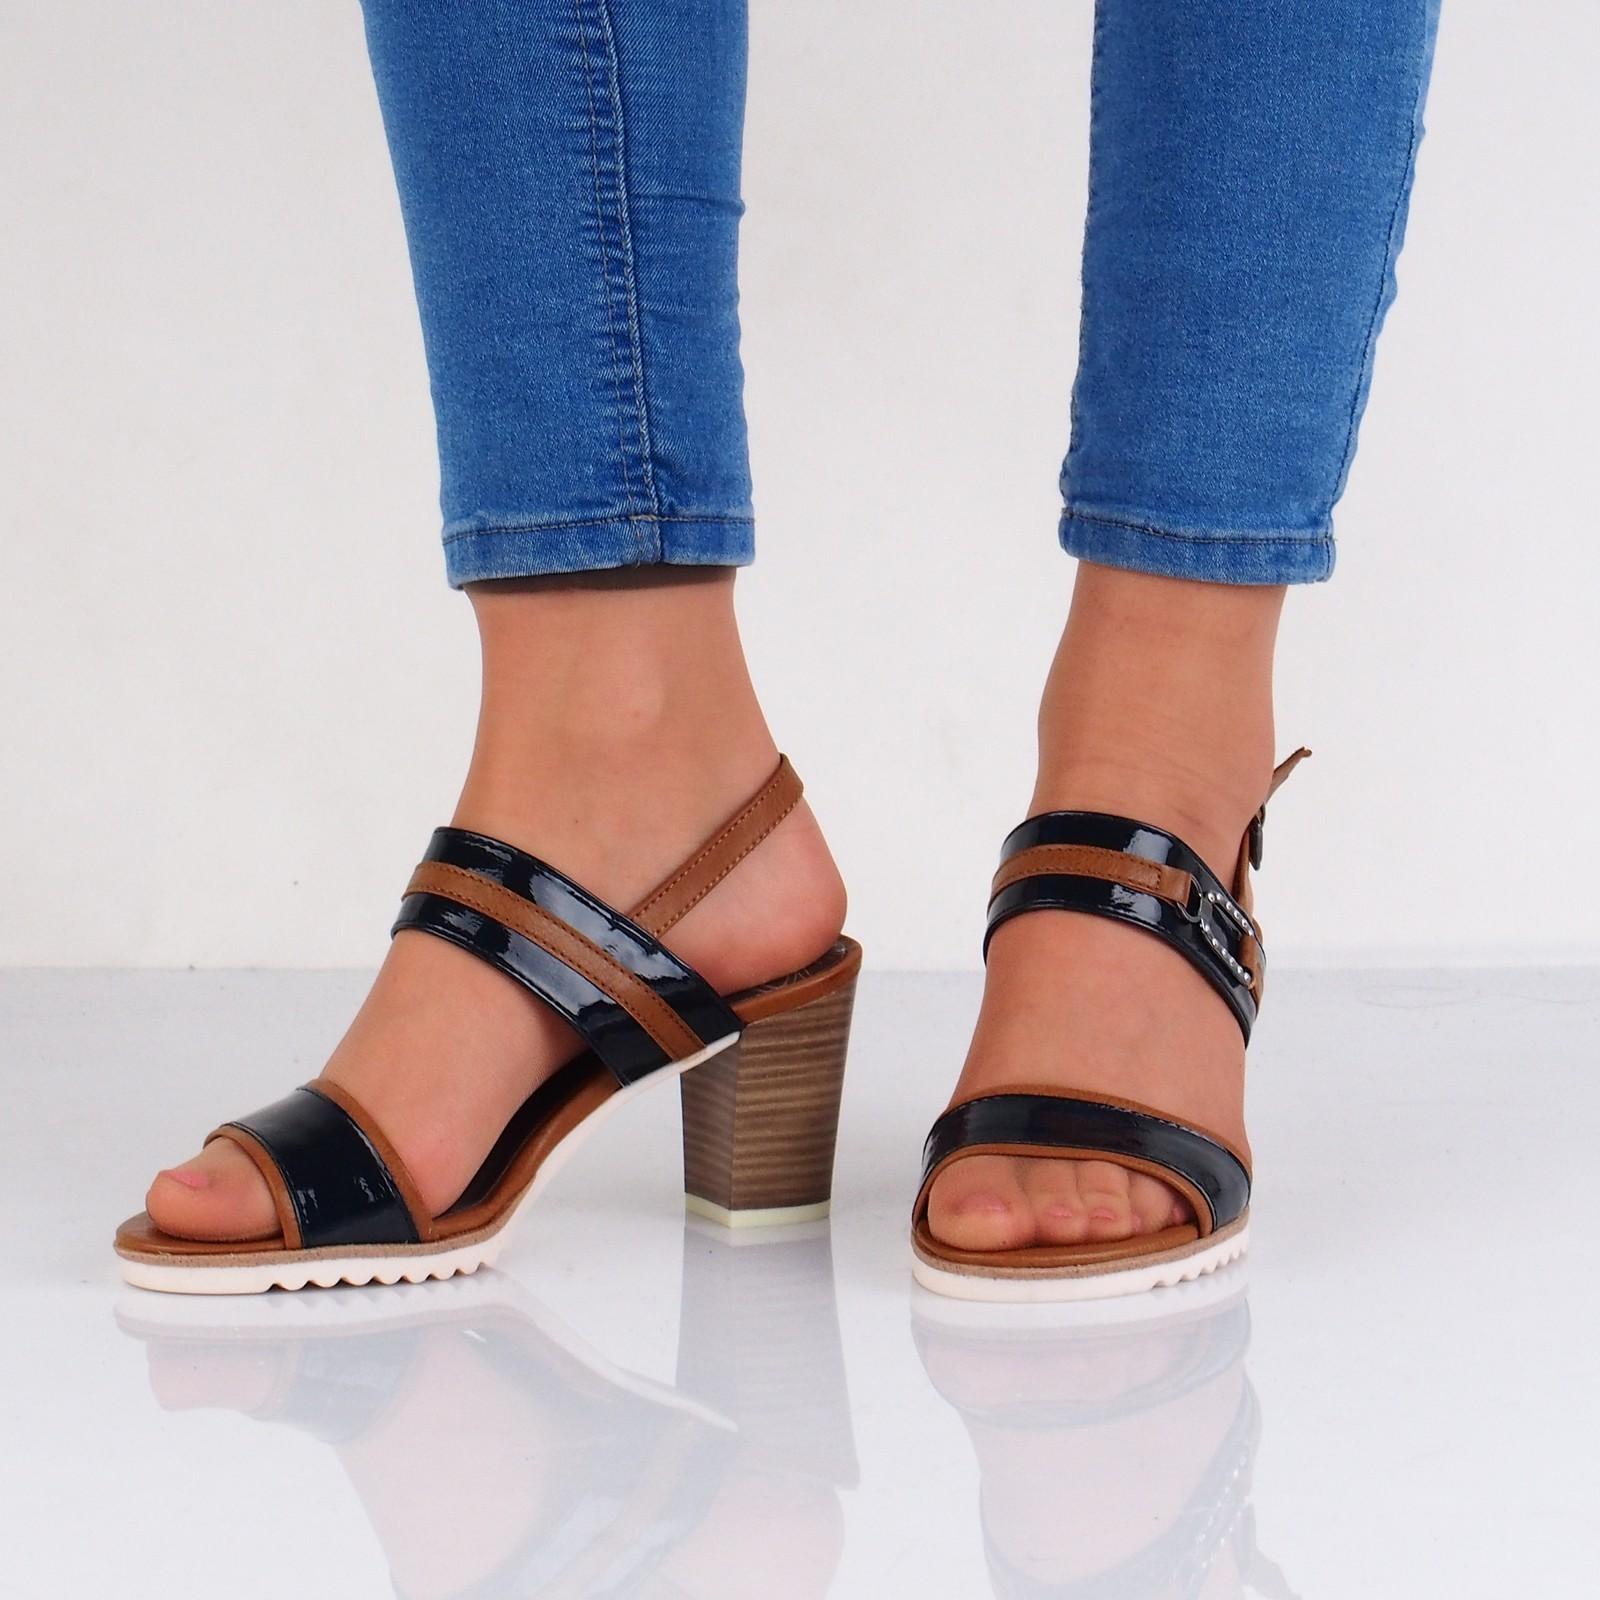 0beab05456 Marco Tozzi dámske štýlové sandále s remienkom - modrohnedé ...